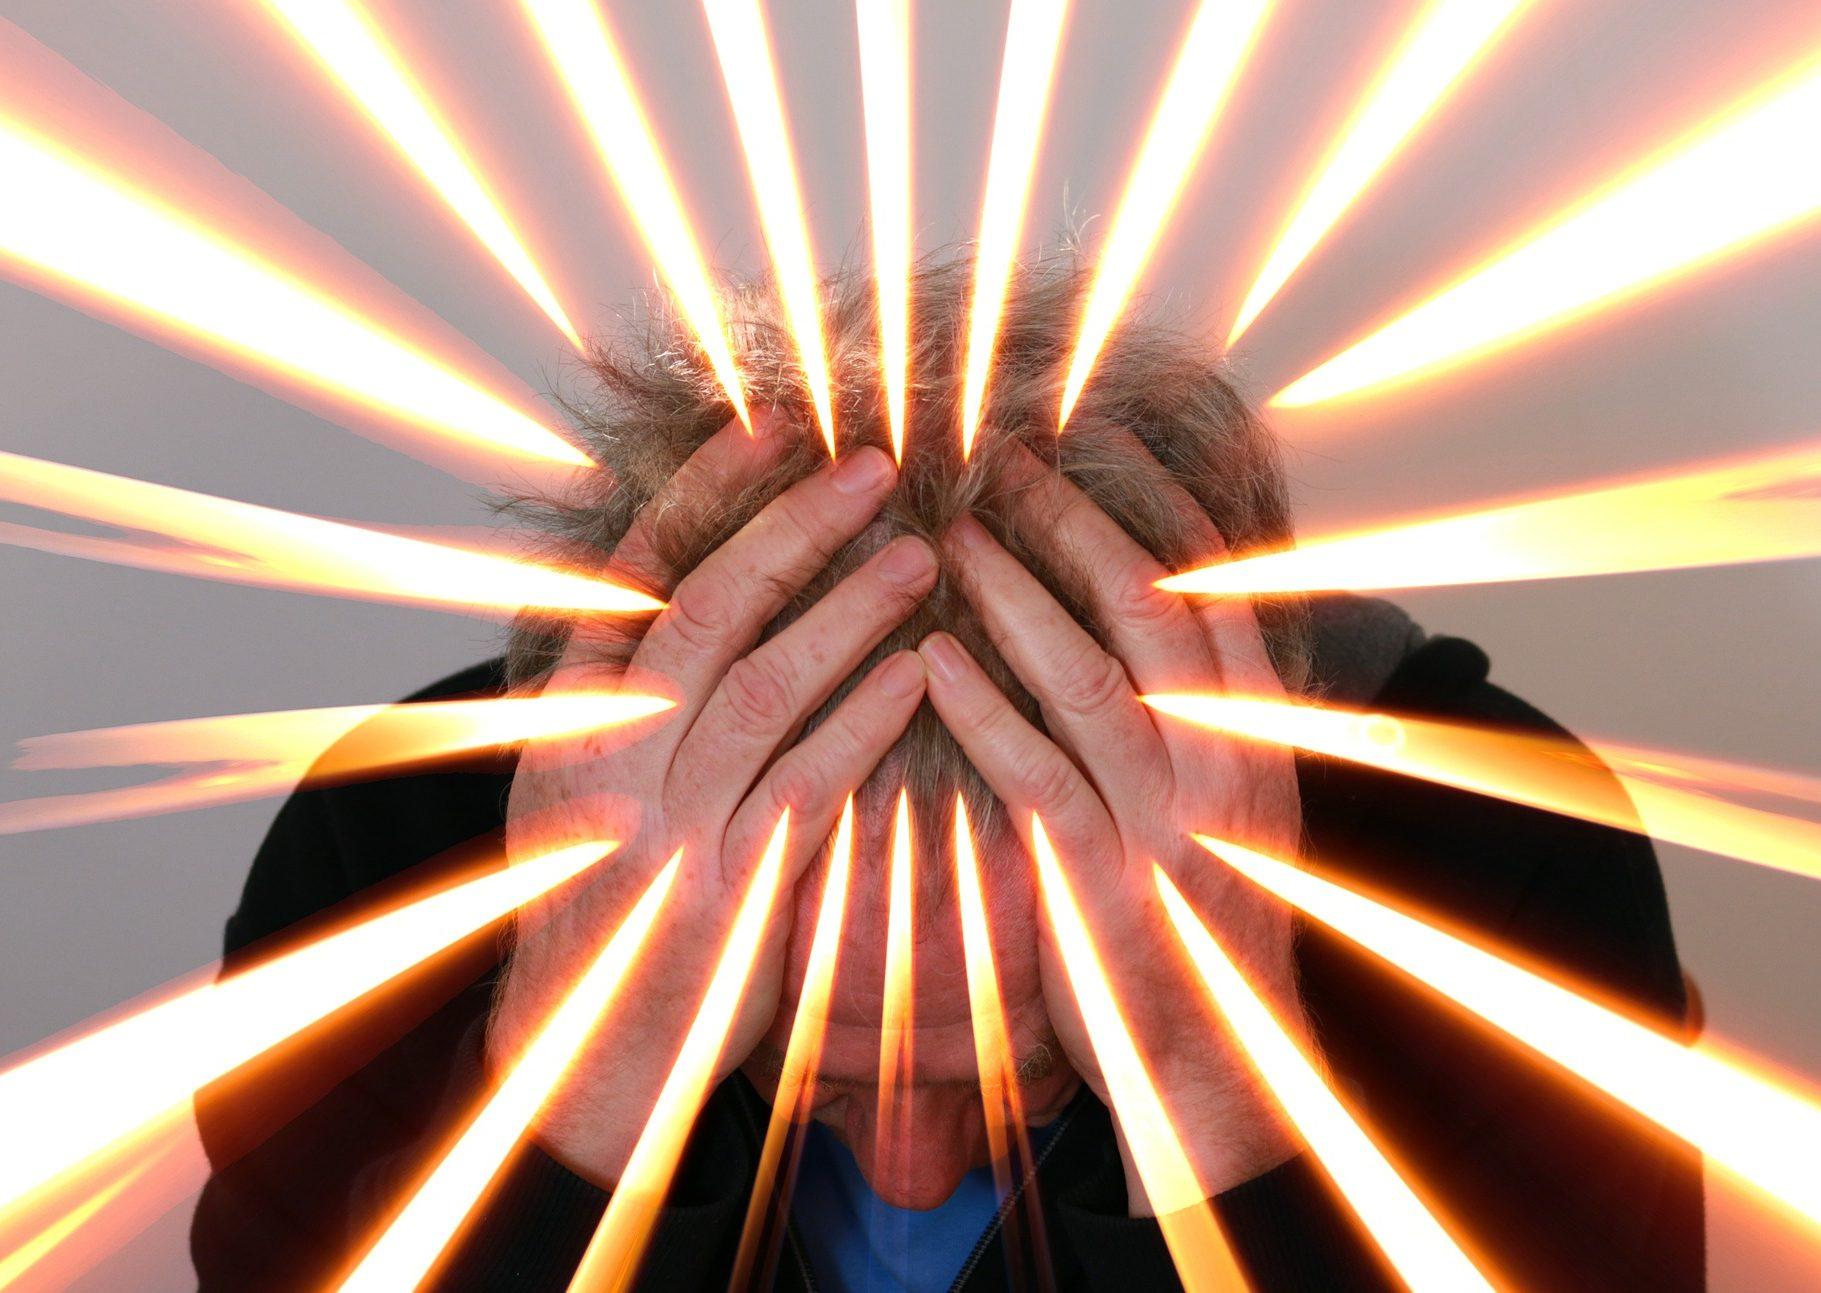 Síndrome de Burnout é reconhecida como doença pela OMS